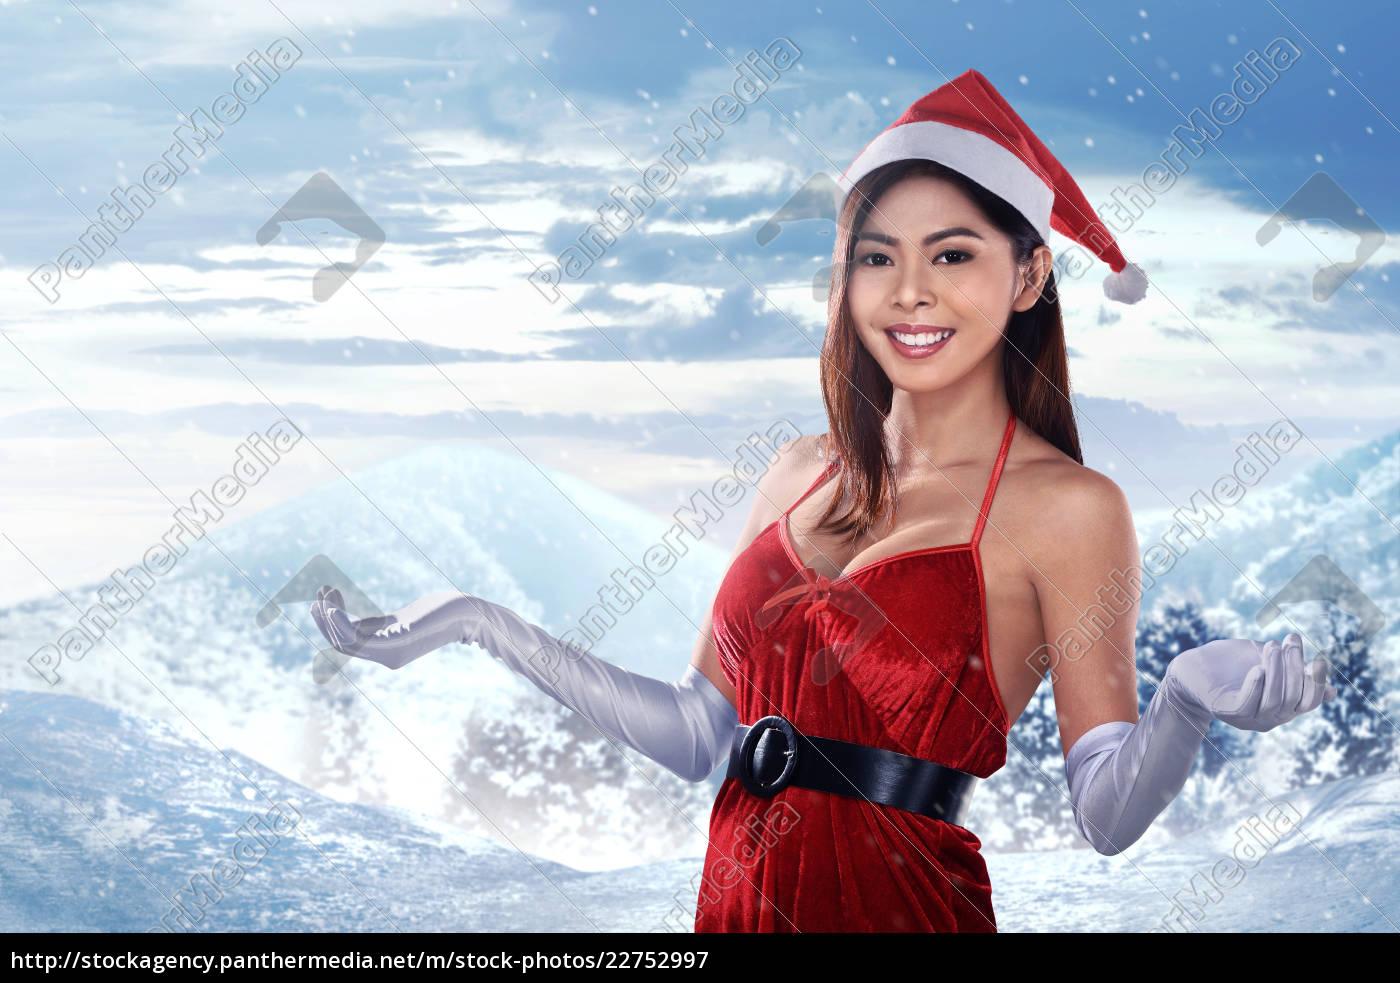 pretty, asian, girl, in, santa, dress - 22752997